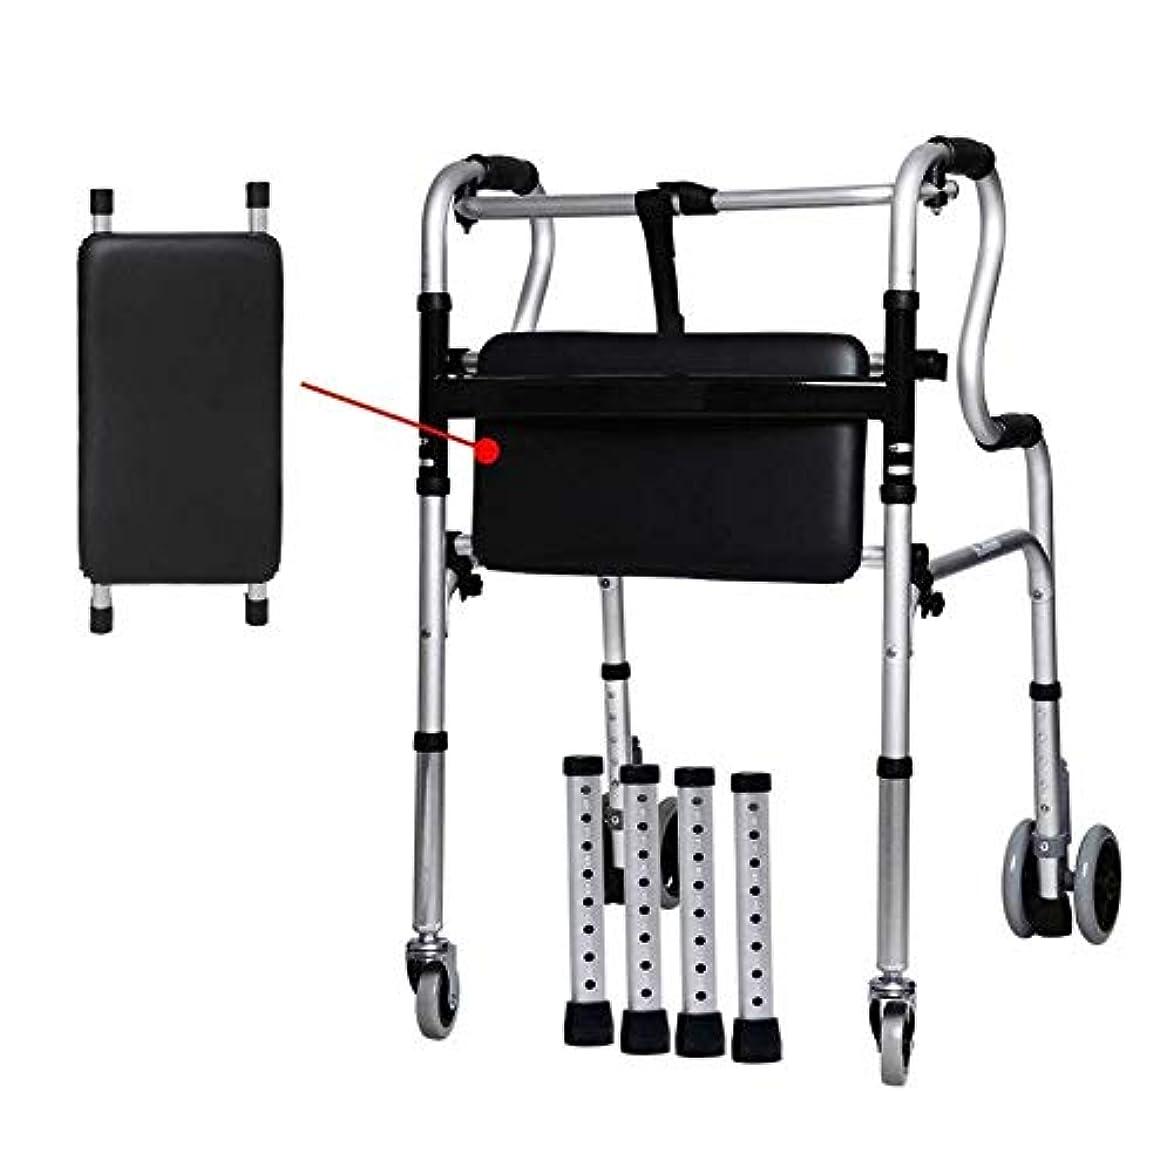 車輪が付いている折る歩行者、不具の高齢者のためのロックできるブレーキが付いている軽いアルミ合金4輪歩行者